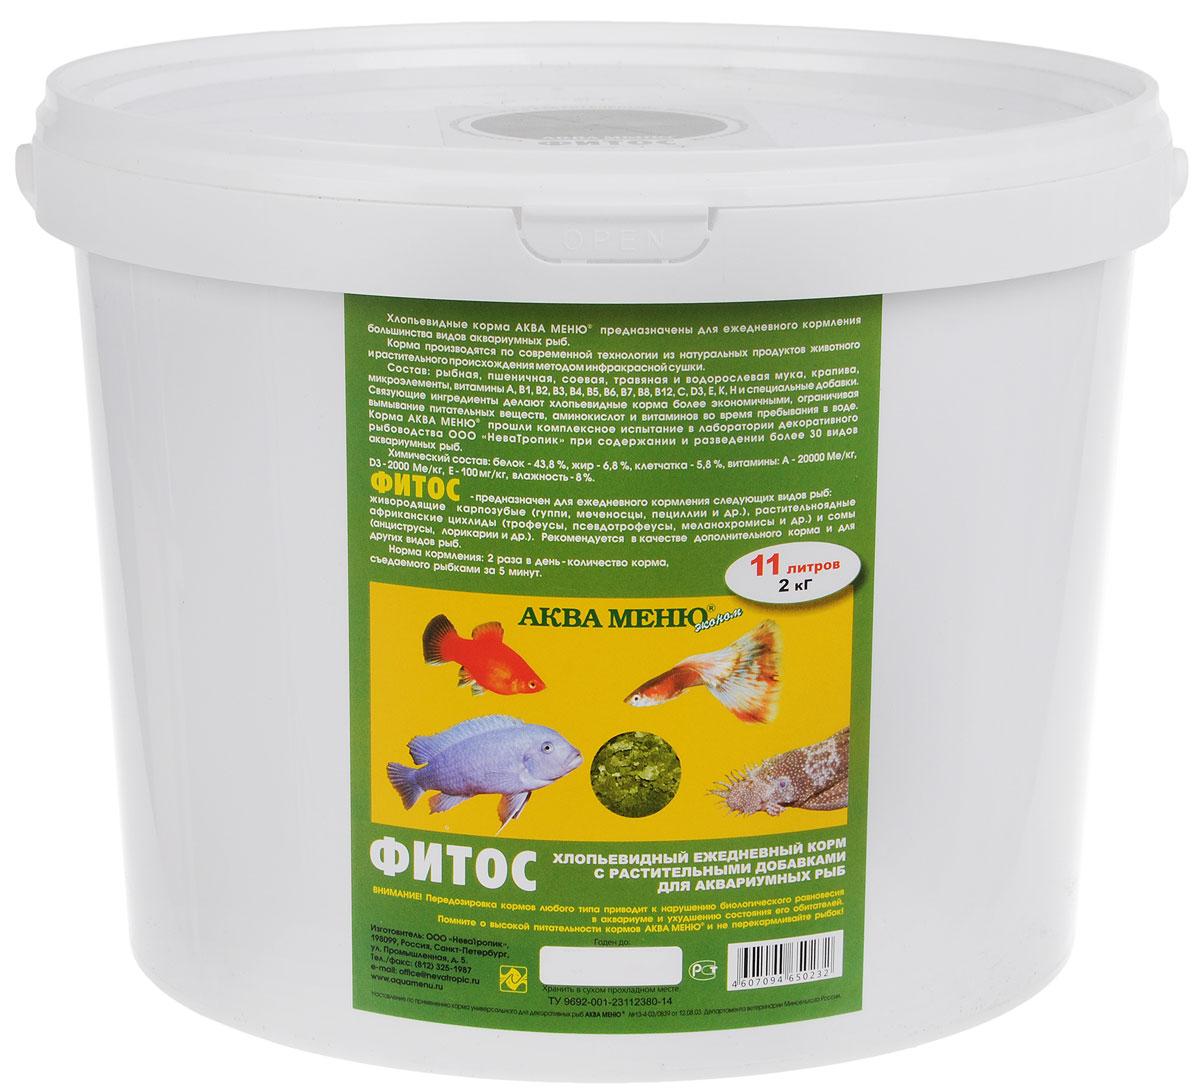 Корм Aquamenu Фитос, с растительными добавками, 11 л (2 кг)7662Хлопьевидный корм Aquamenu Фитос предназначен для ежедневного кормления большинства видов аквариумных рыб. Корм производится по современной технологии из натуральных продуктов животного и растительного происхождения методом инфракрасной сушки. Связующие ингредиенты делают корм более экзотичным, ограничивая вымывание питательных веществ, аминокислот и витаминов во время пребывания в воде. Aquamenu Фитос предназначен для ежедневного кормления следующих видов рыб: живородящие карпозубые (гуппи, меченосцы, пециллии и др.), растительноядные африканские цихлиды (трофеусы, псевдотрофеусы, меланохромисы и др.) и сомы (анциструсы, лорикарии и др.). Корм рекомендуется в качестве дополнительного корма и для других видов рыб.Состав: рыбная, пшеничная, соевая, травяная и водорослевая мука, крапива, микроэлементы, витамины A, B1, B2, B3, B4, B5, B6, B7, B8, B12, C, D3, E, K, H и специальные добавки.Товар сертифицирован.